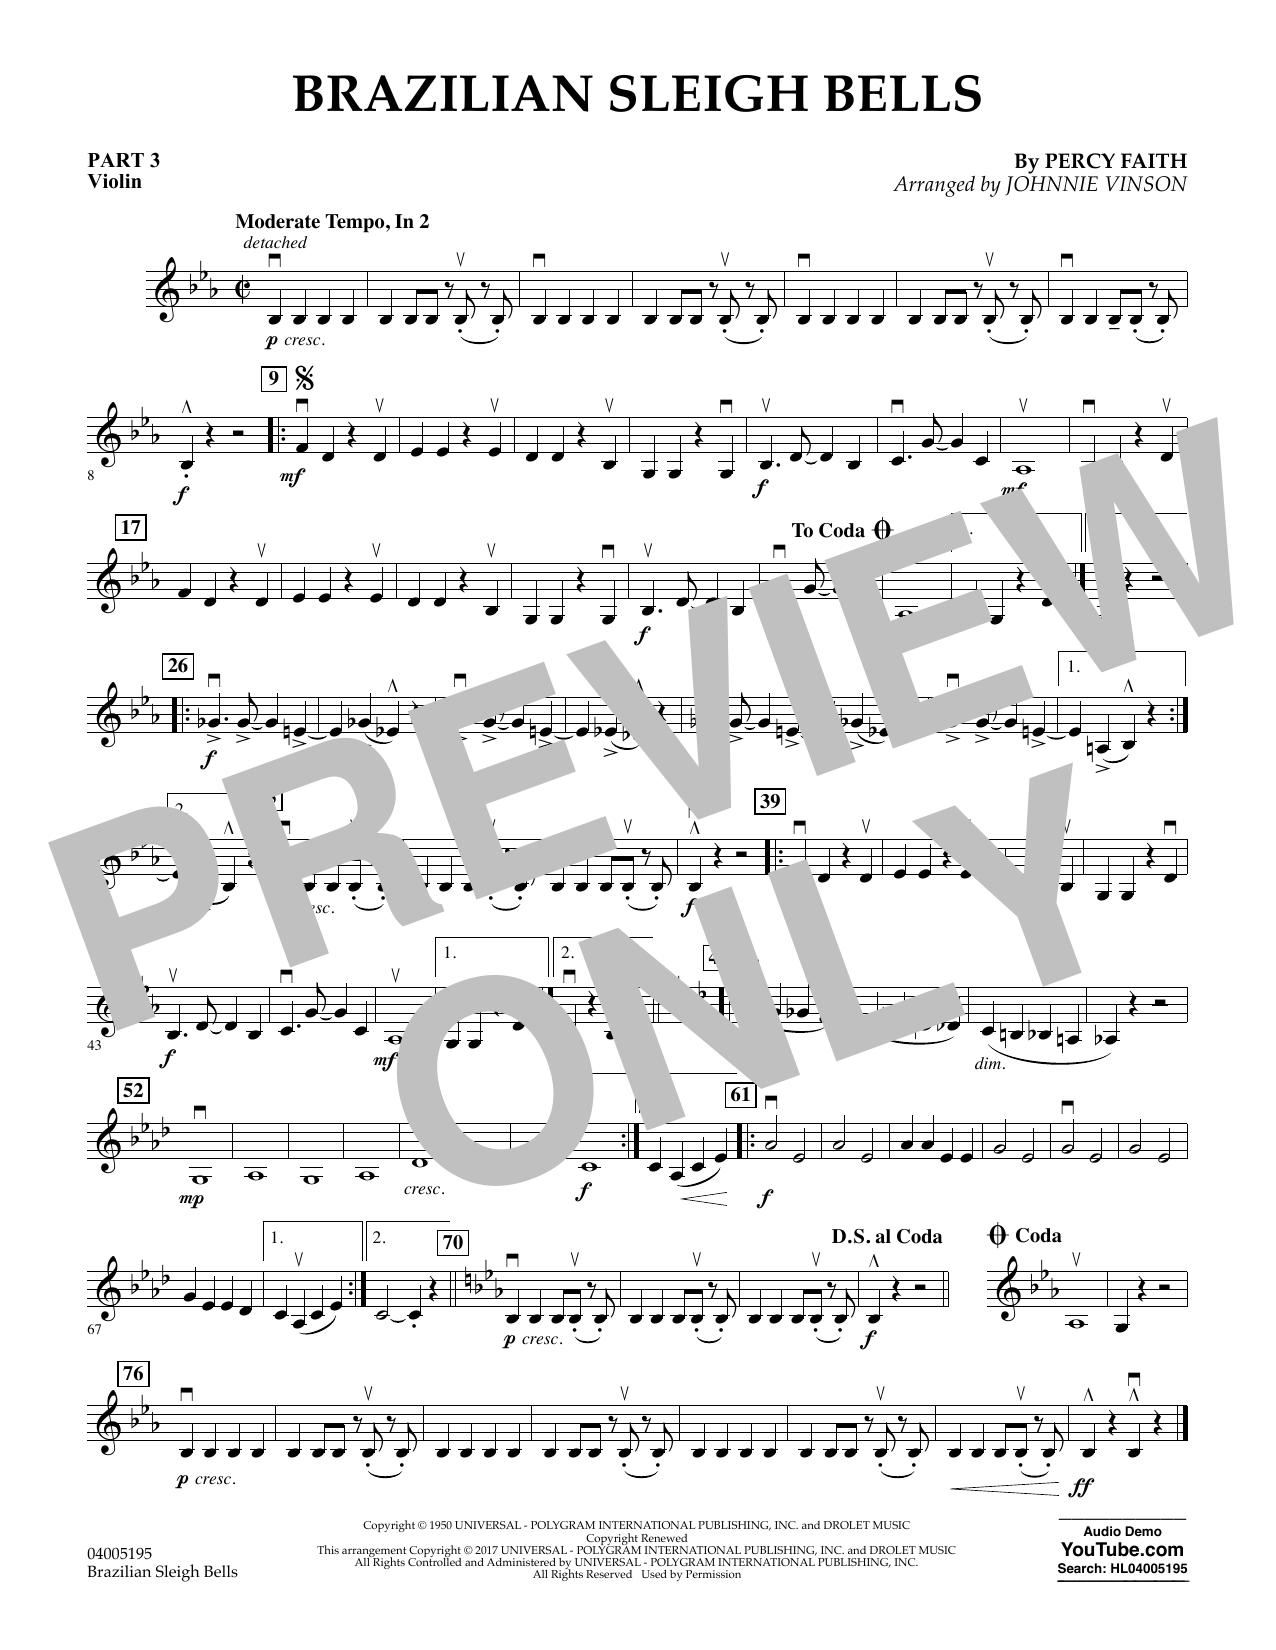 Brazilian Sleigh Bells - Pt.3 - Violin (Flex-Band)